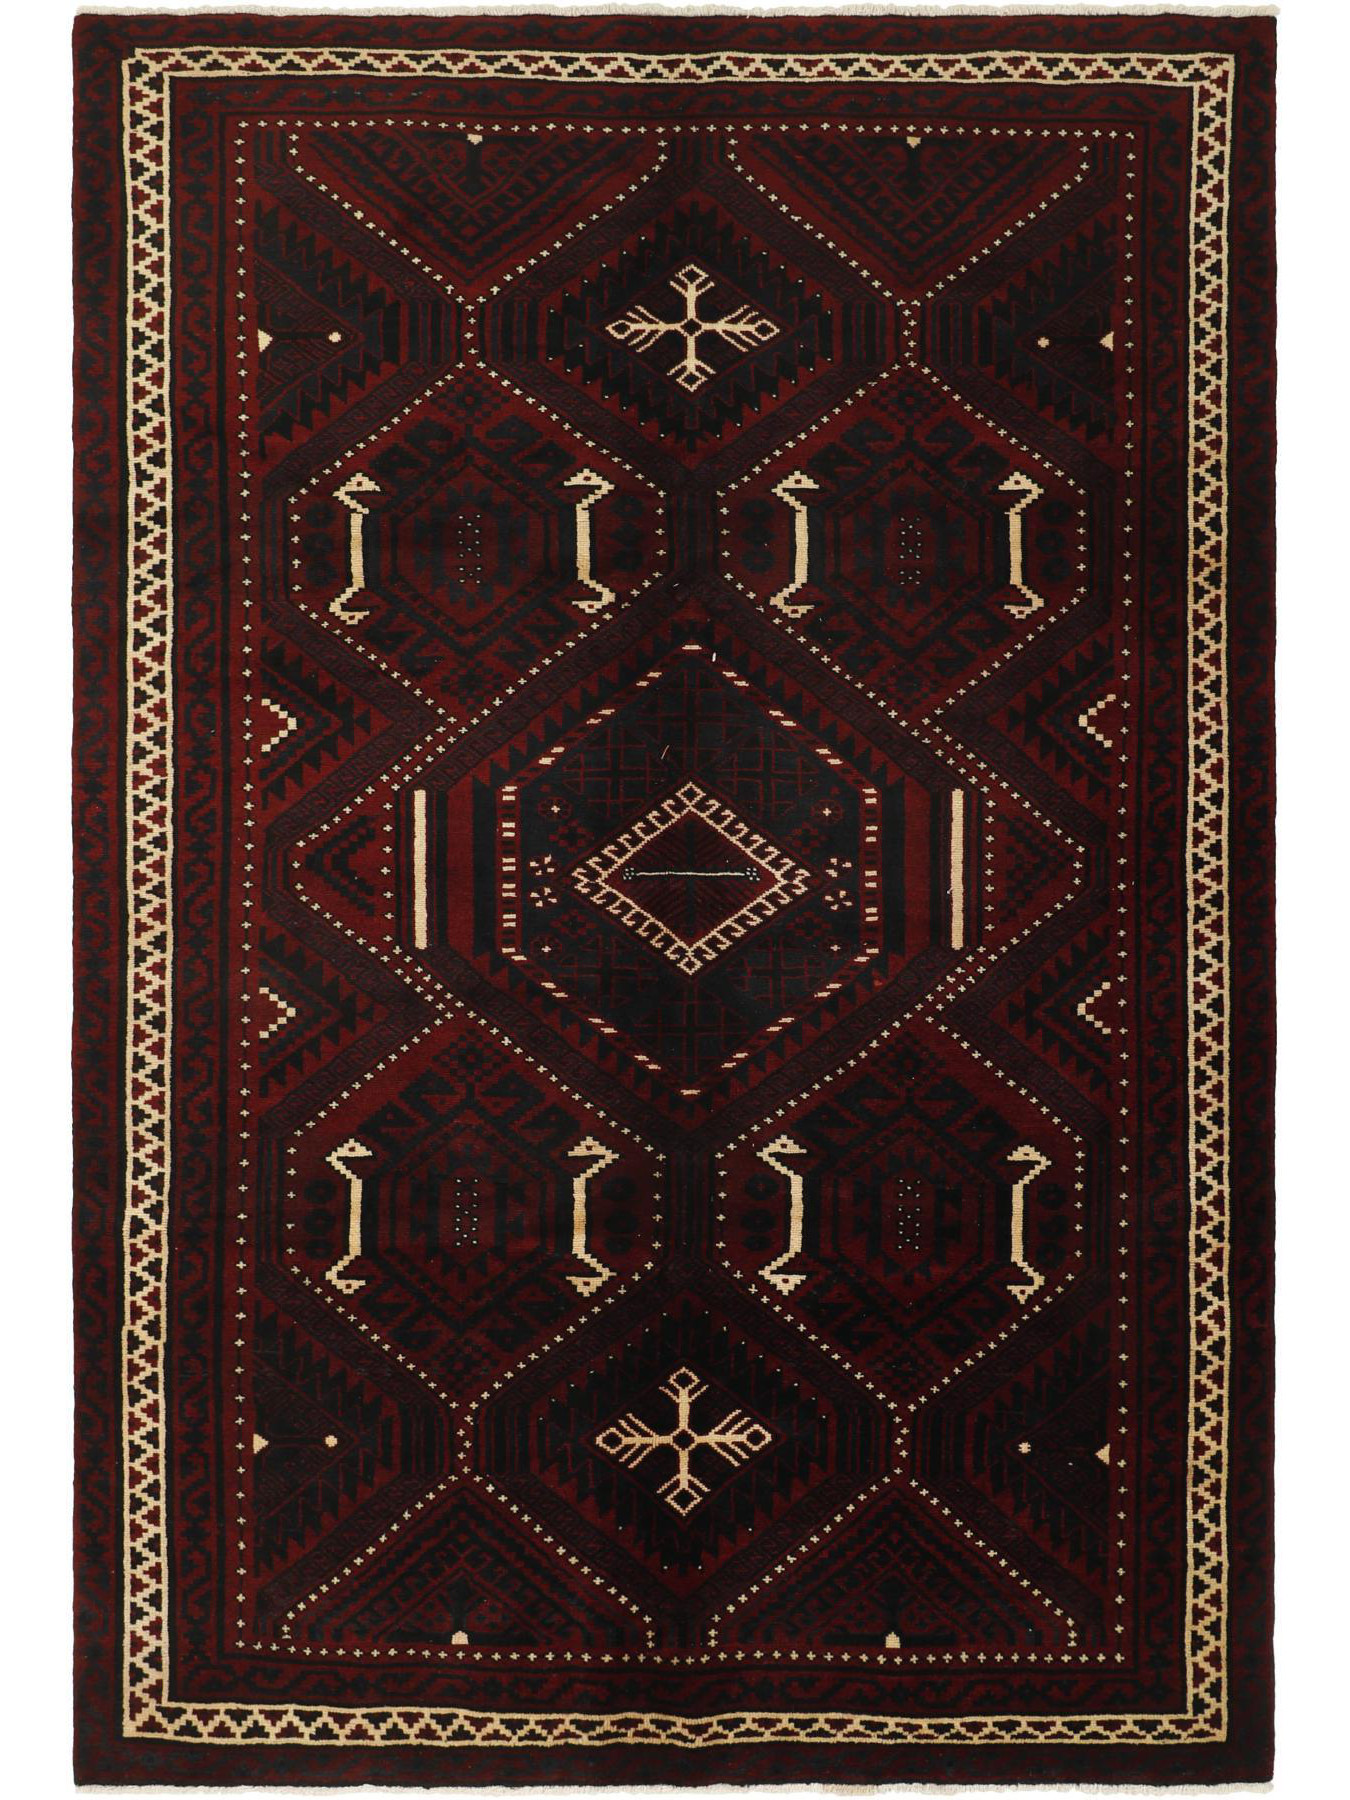 Persian carpets - Lori